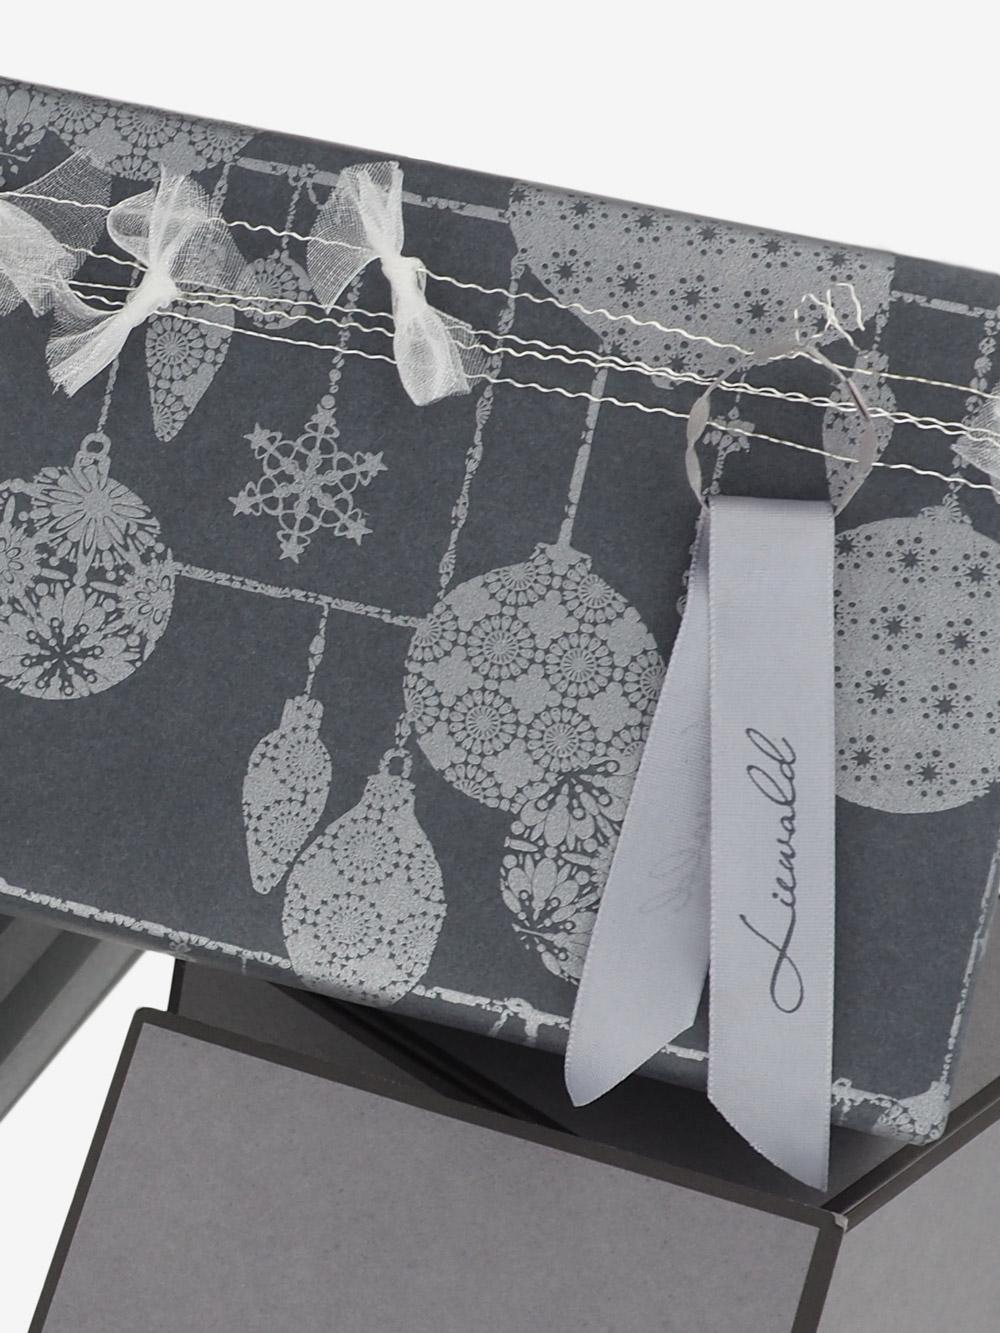 geschenkpapierverpackung-anthrazit-mit-weihnachtskugeln-silber